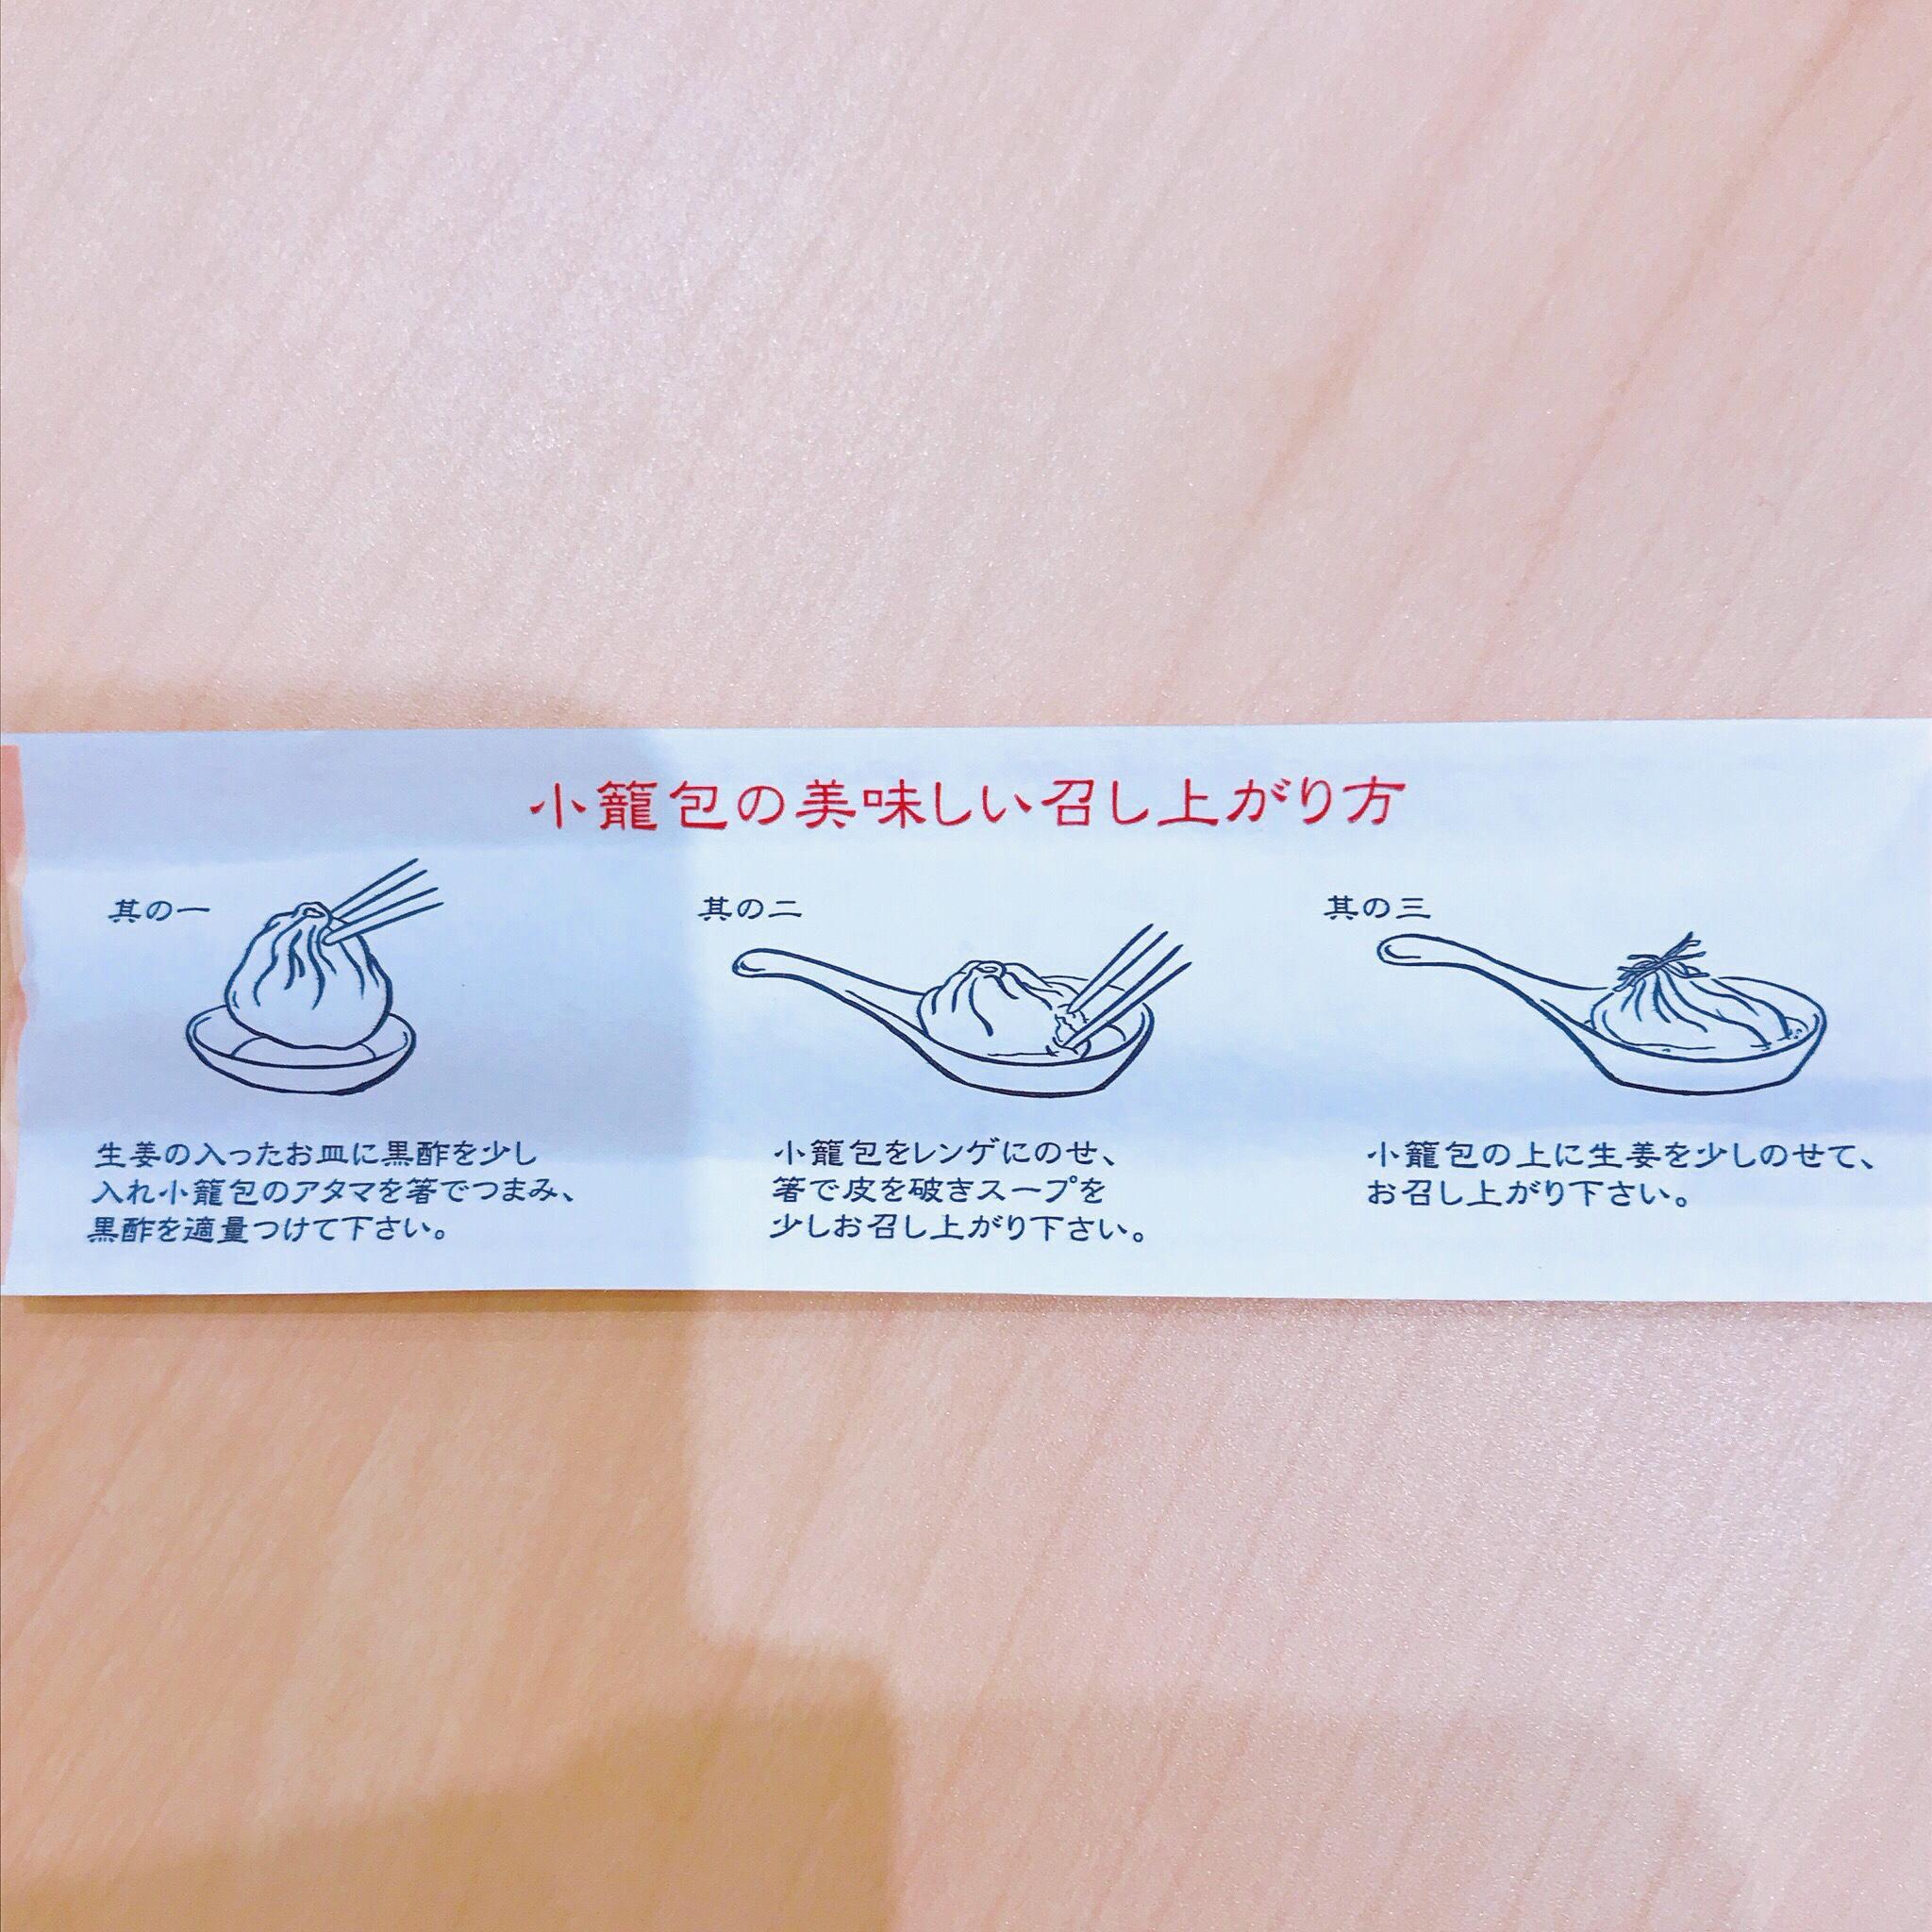 京鼎樓小館食べ方